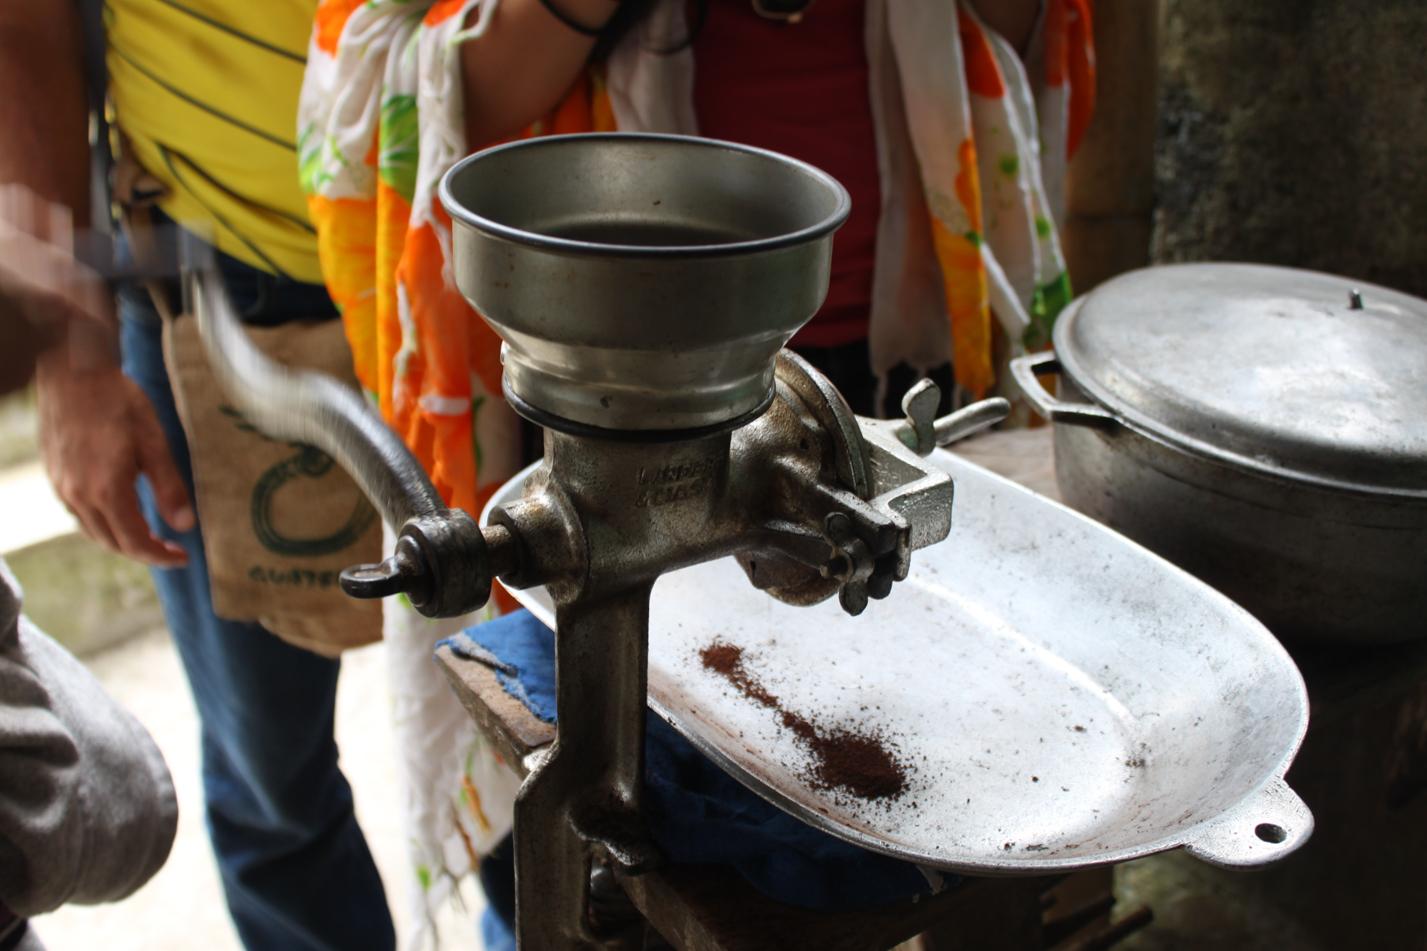 Beim Mahlen der Kaffeebohnen breitete sich ein himmlische Duft aus.